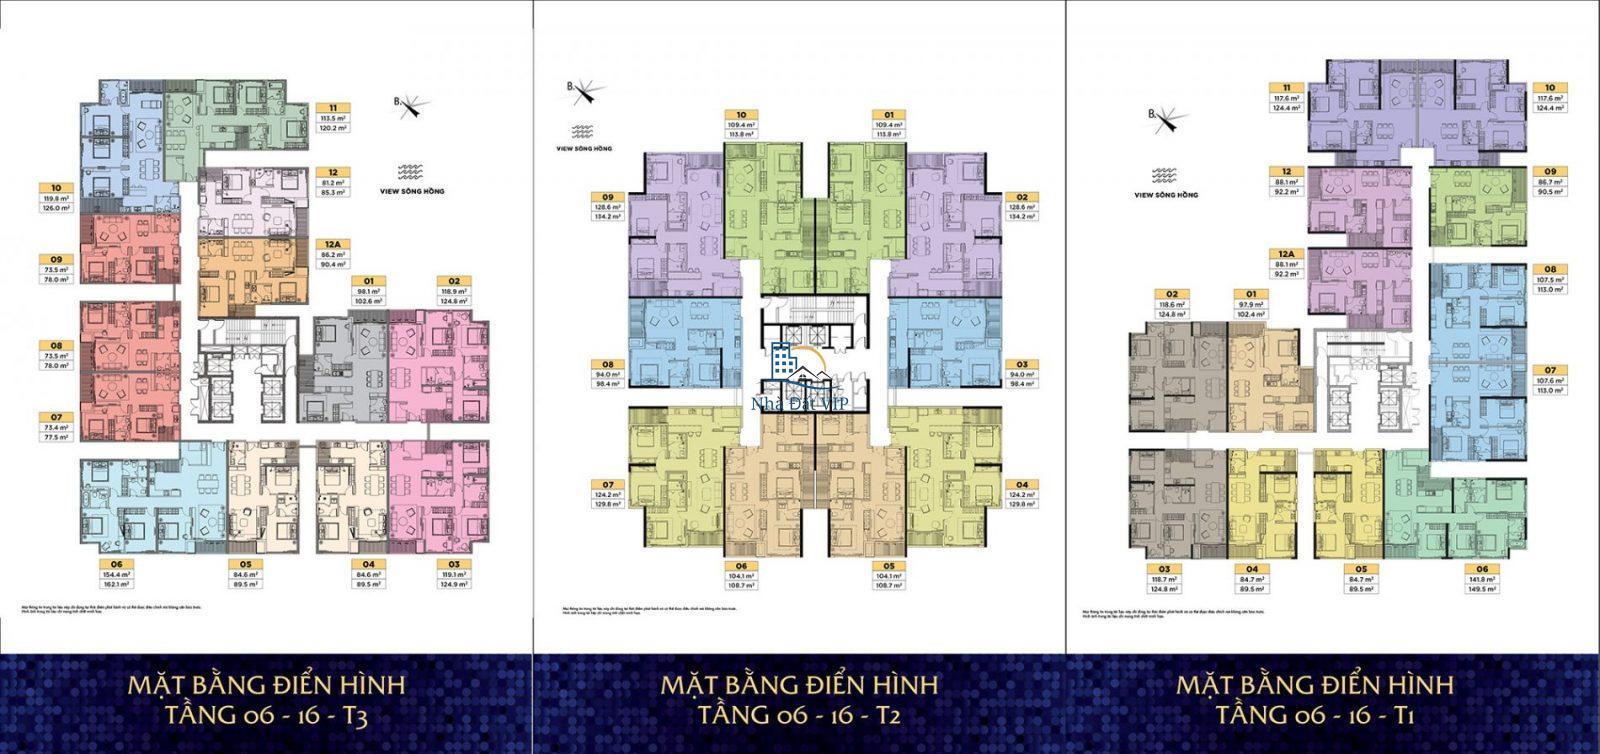 Mb_Gap-3-01-2